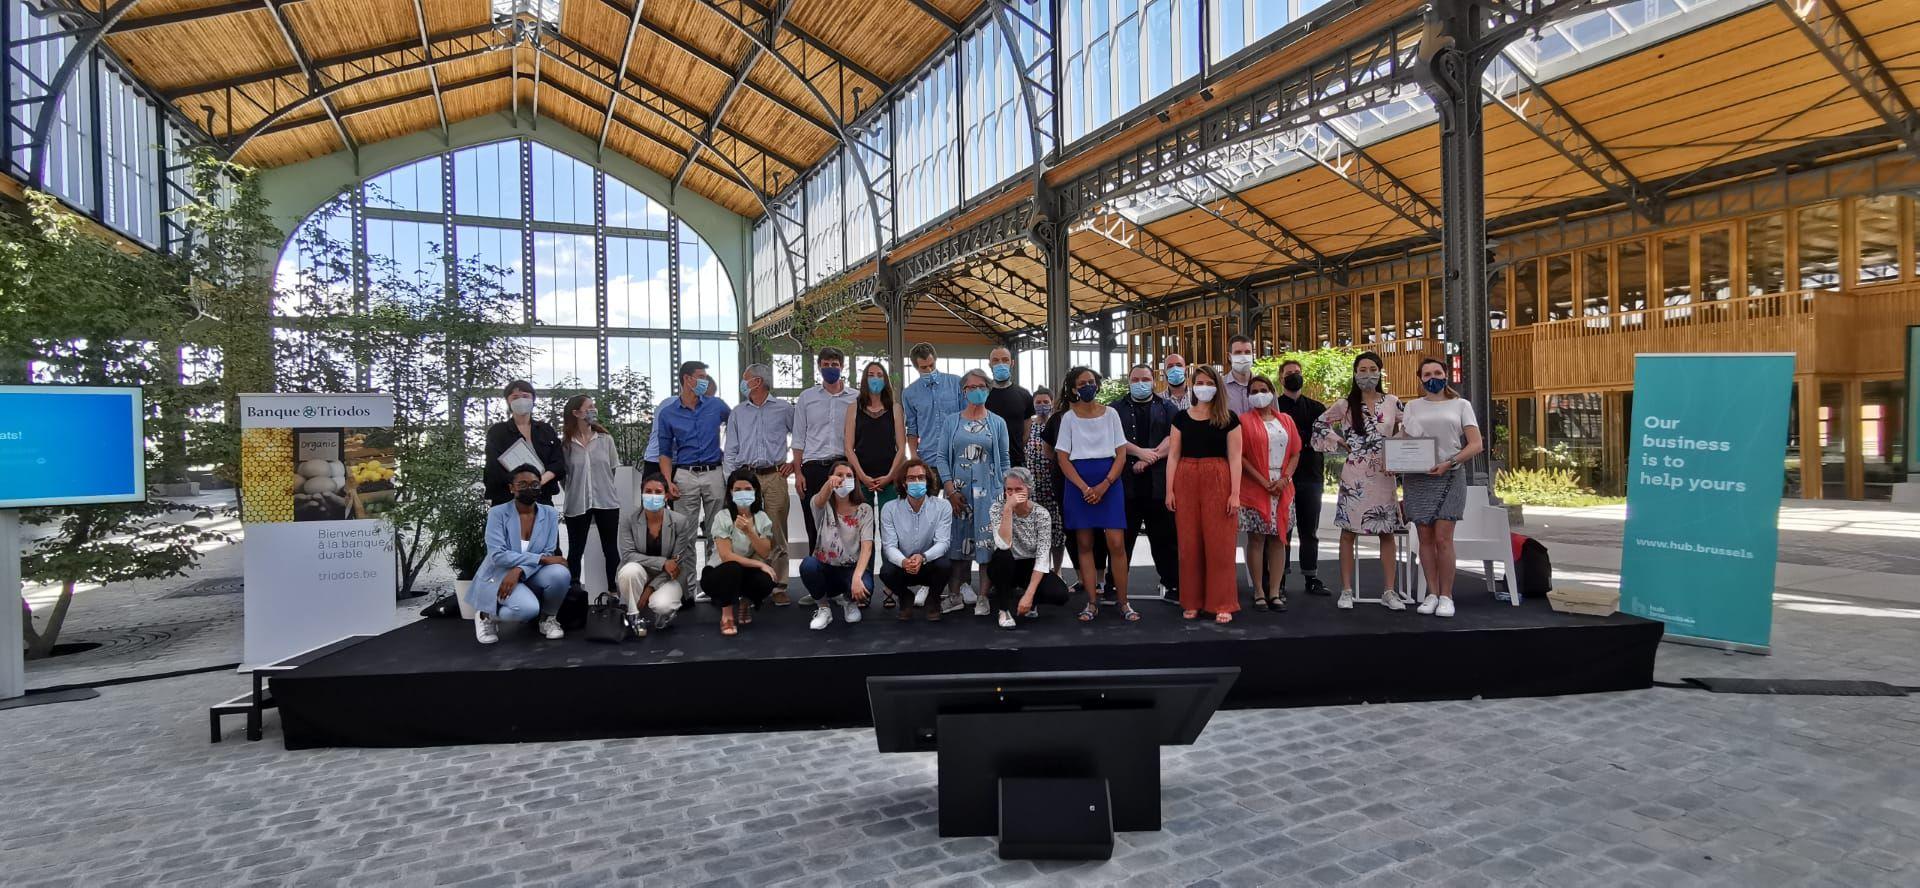 De winnaars van de 10e editie van greenlab.brussels zijn gekend!